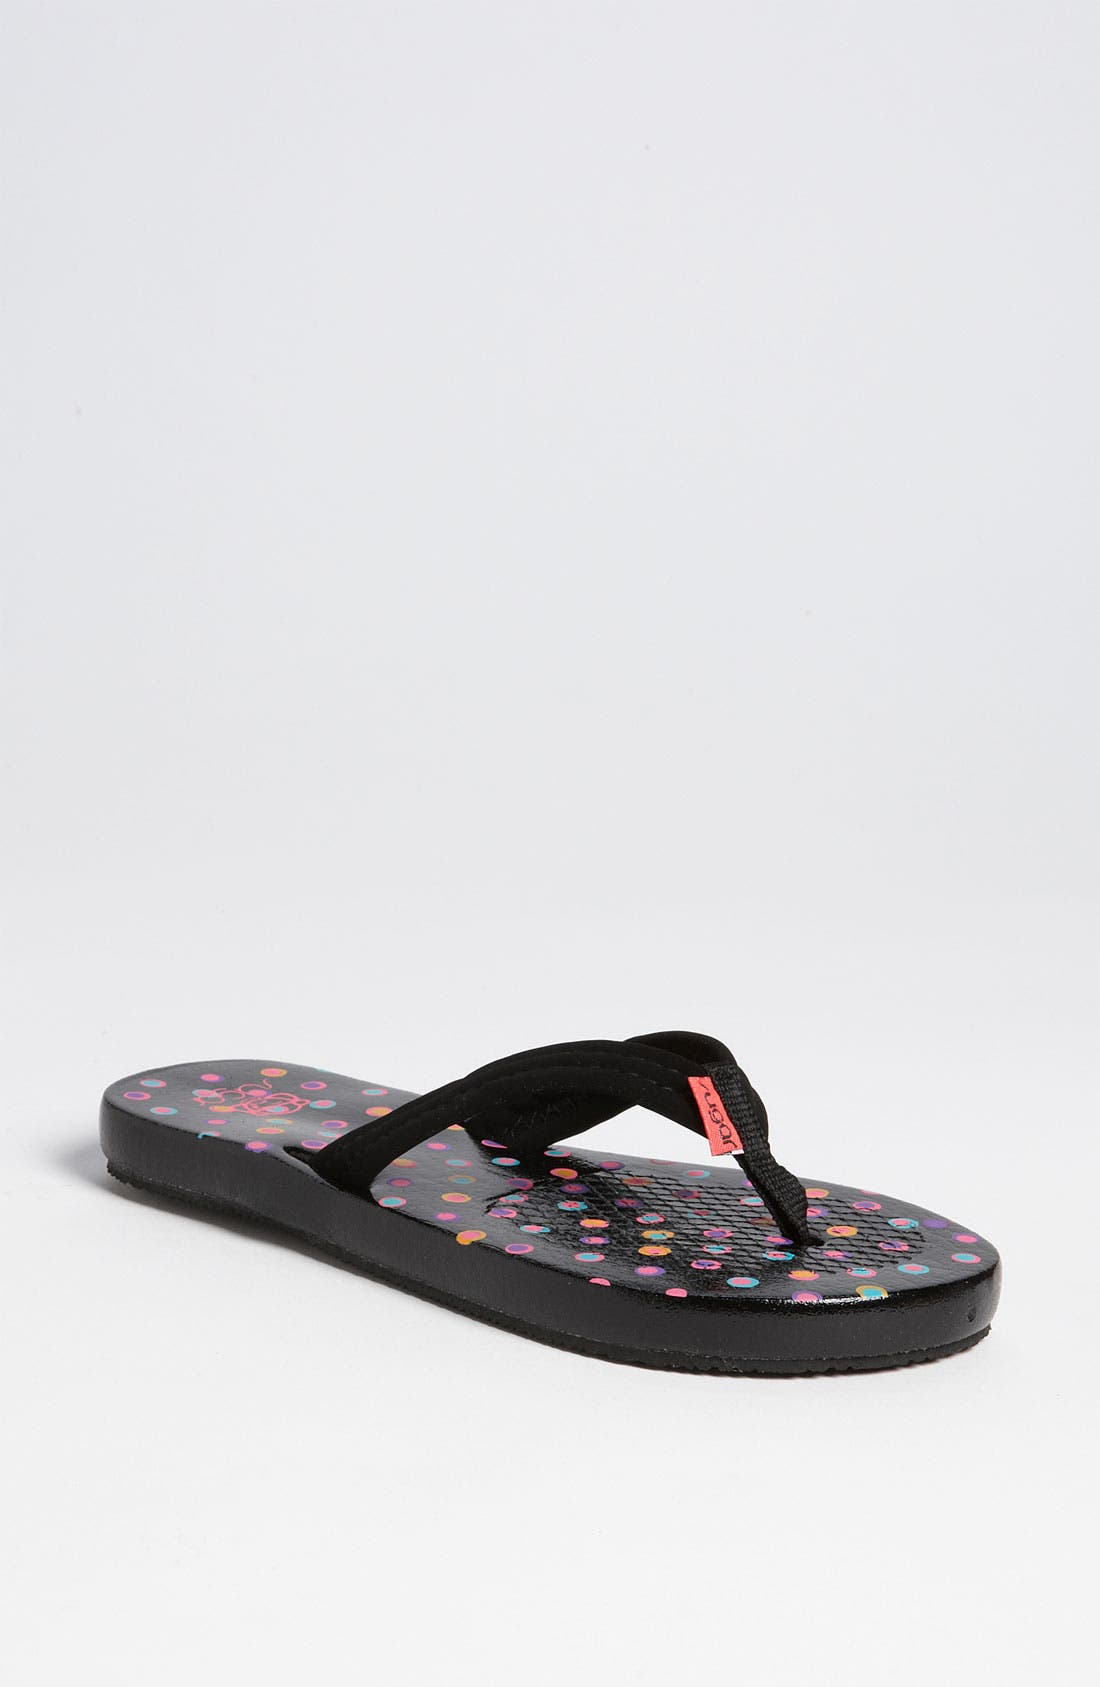 sugar shoes flipper flip flop nordstrom